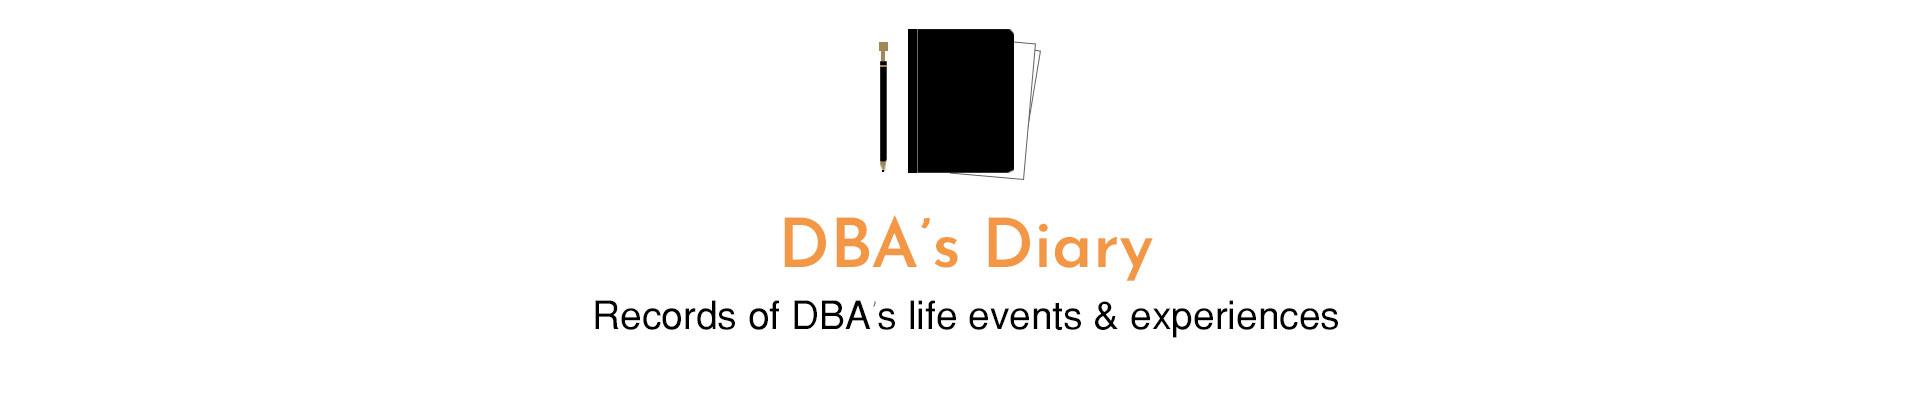 DBA's Diary